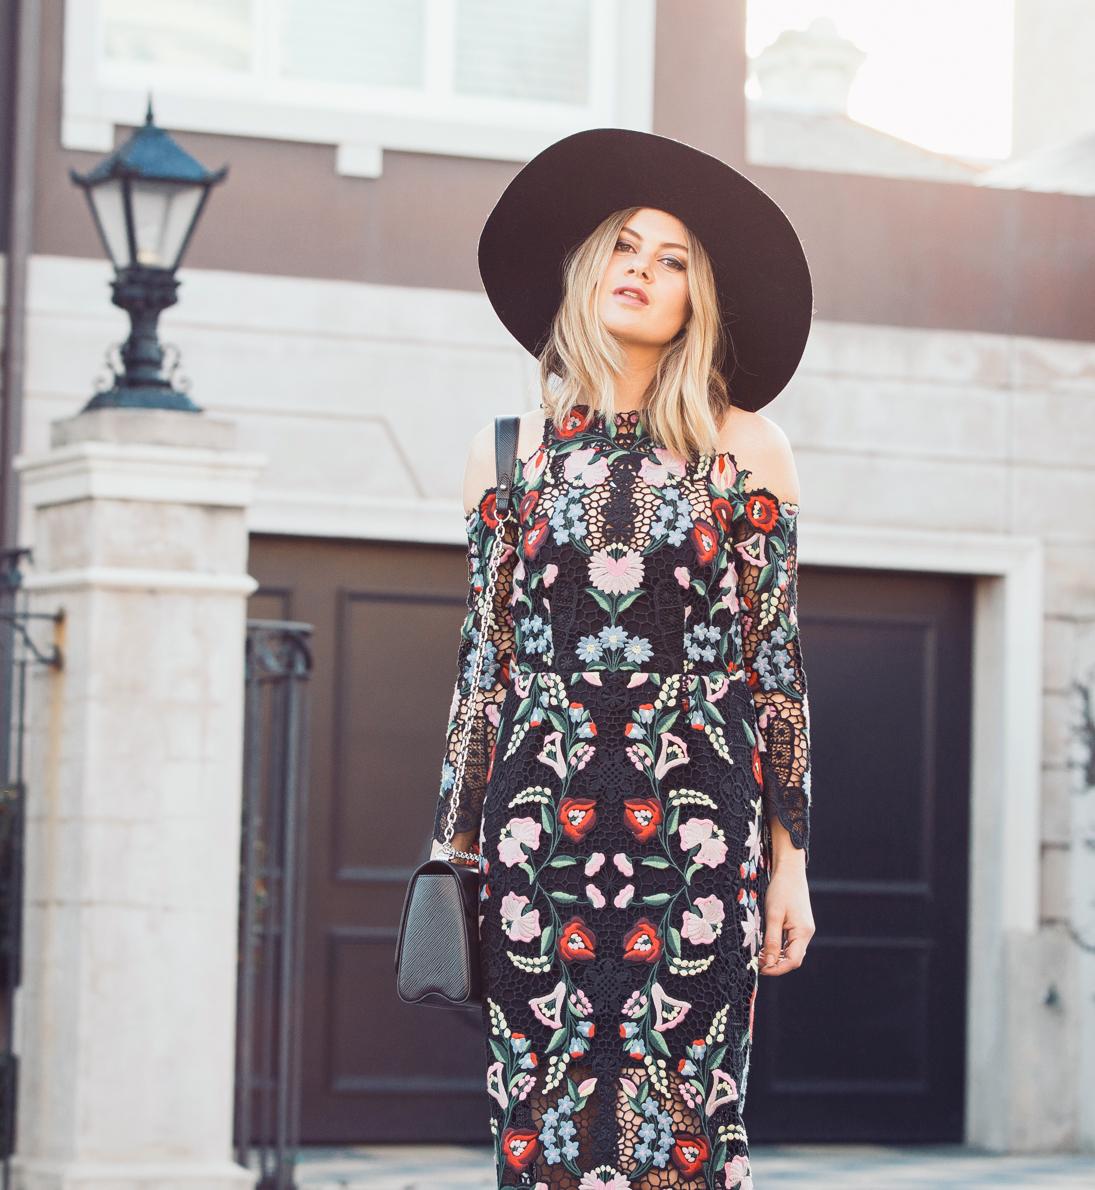 da392e8284 25.08.2016 - Moda · Najlepsze stylizacje blogerek  lipiec 2016